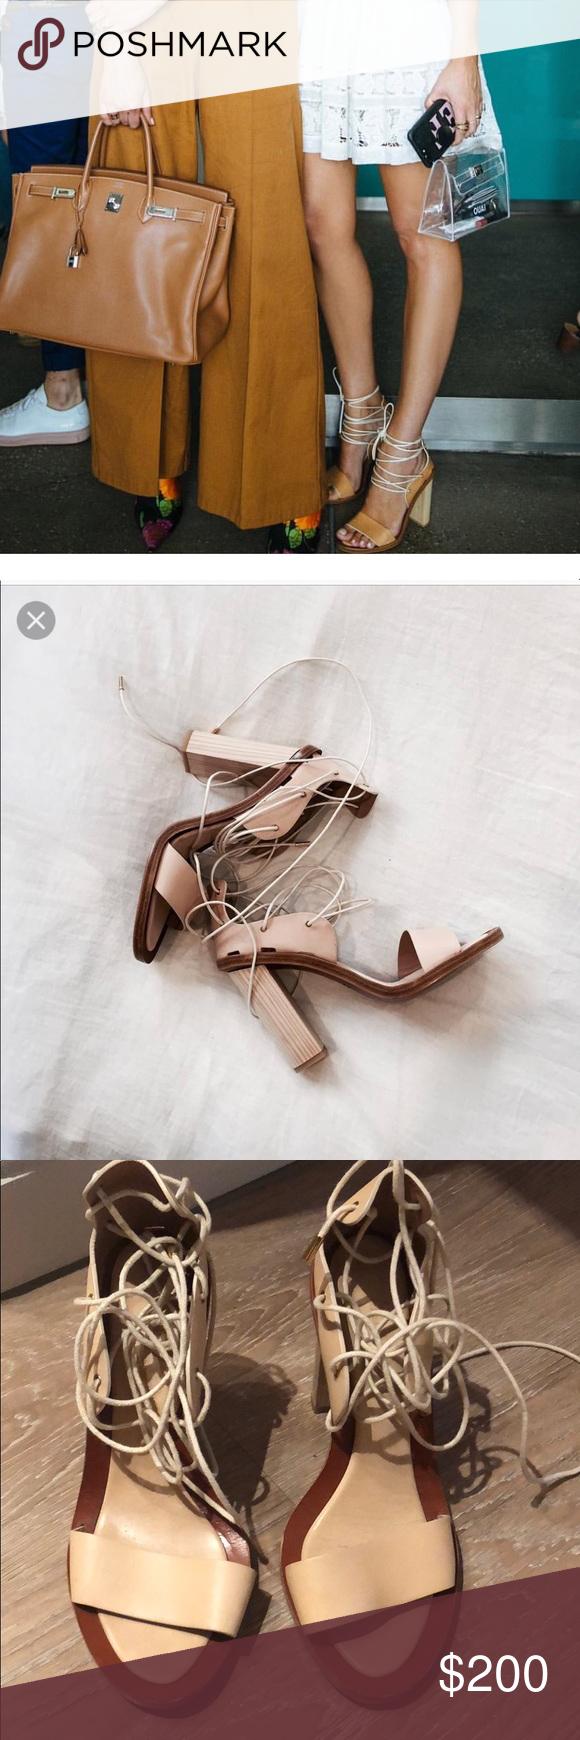 heels, Elle ferguson, Lace up sandals